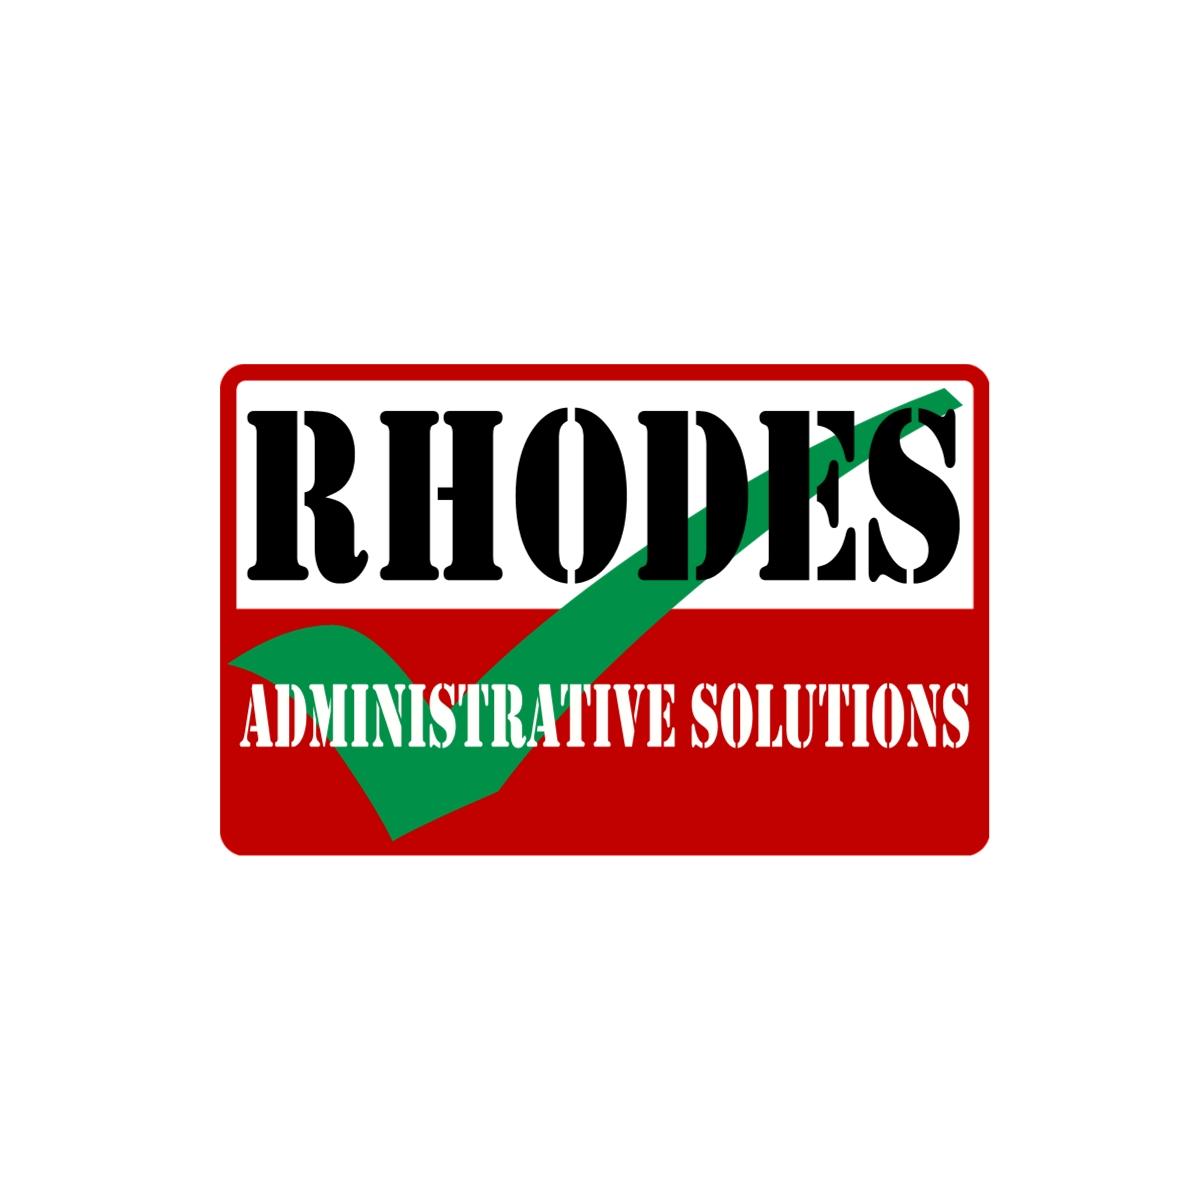 Logo Design by Joseph calunsag Cagaanan - Entry No. 59 in the Logo Design Contest Rhodes Administrative Solutions.